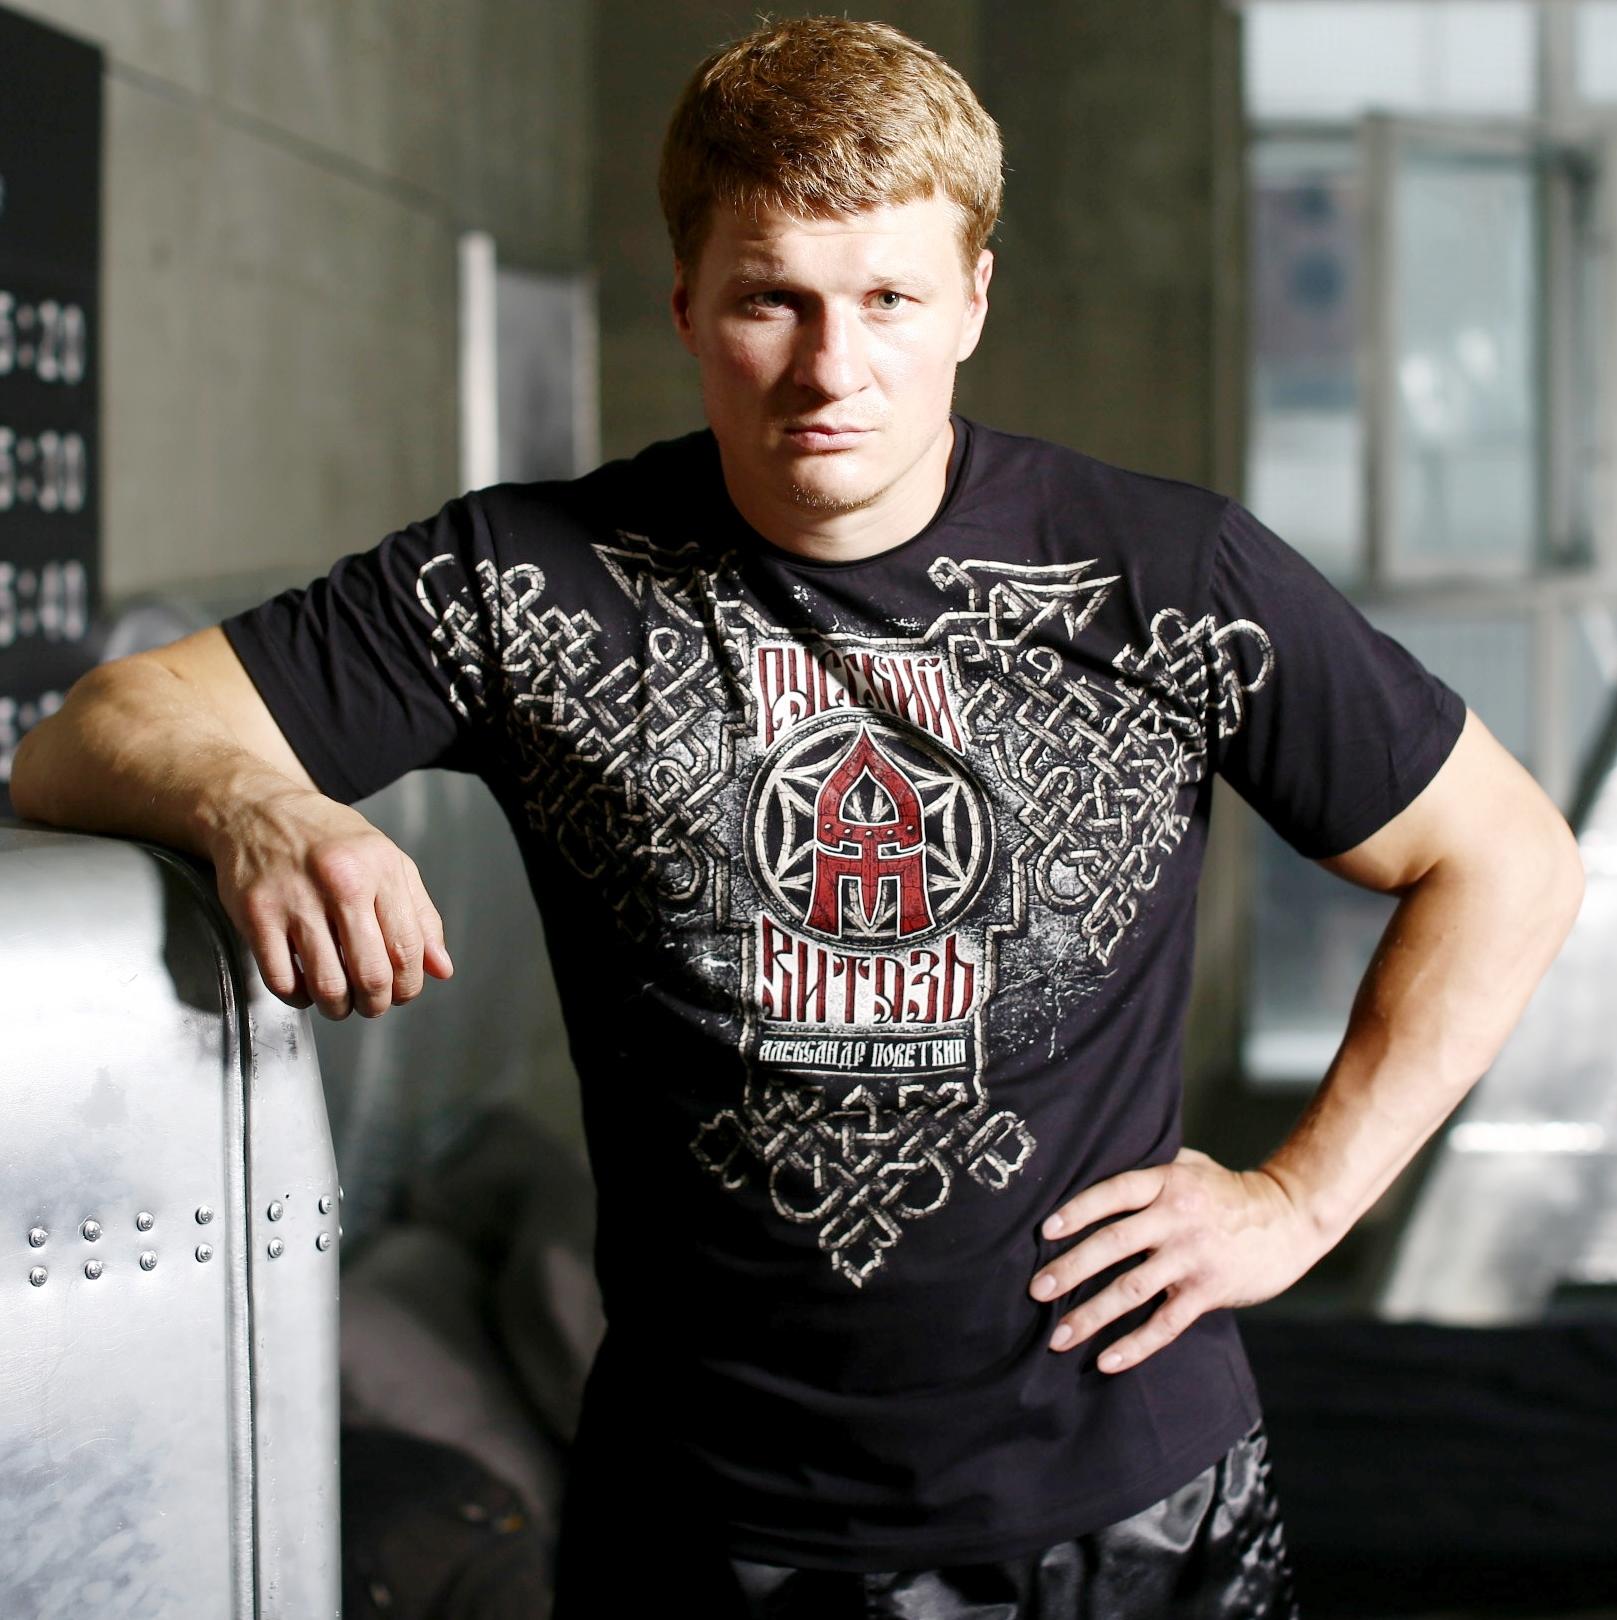 Александр Поветкин вошёл в список самых успешных спортсменов России